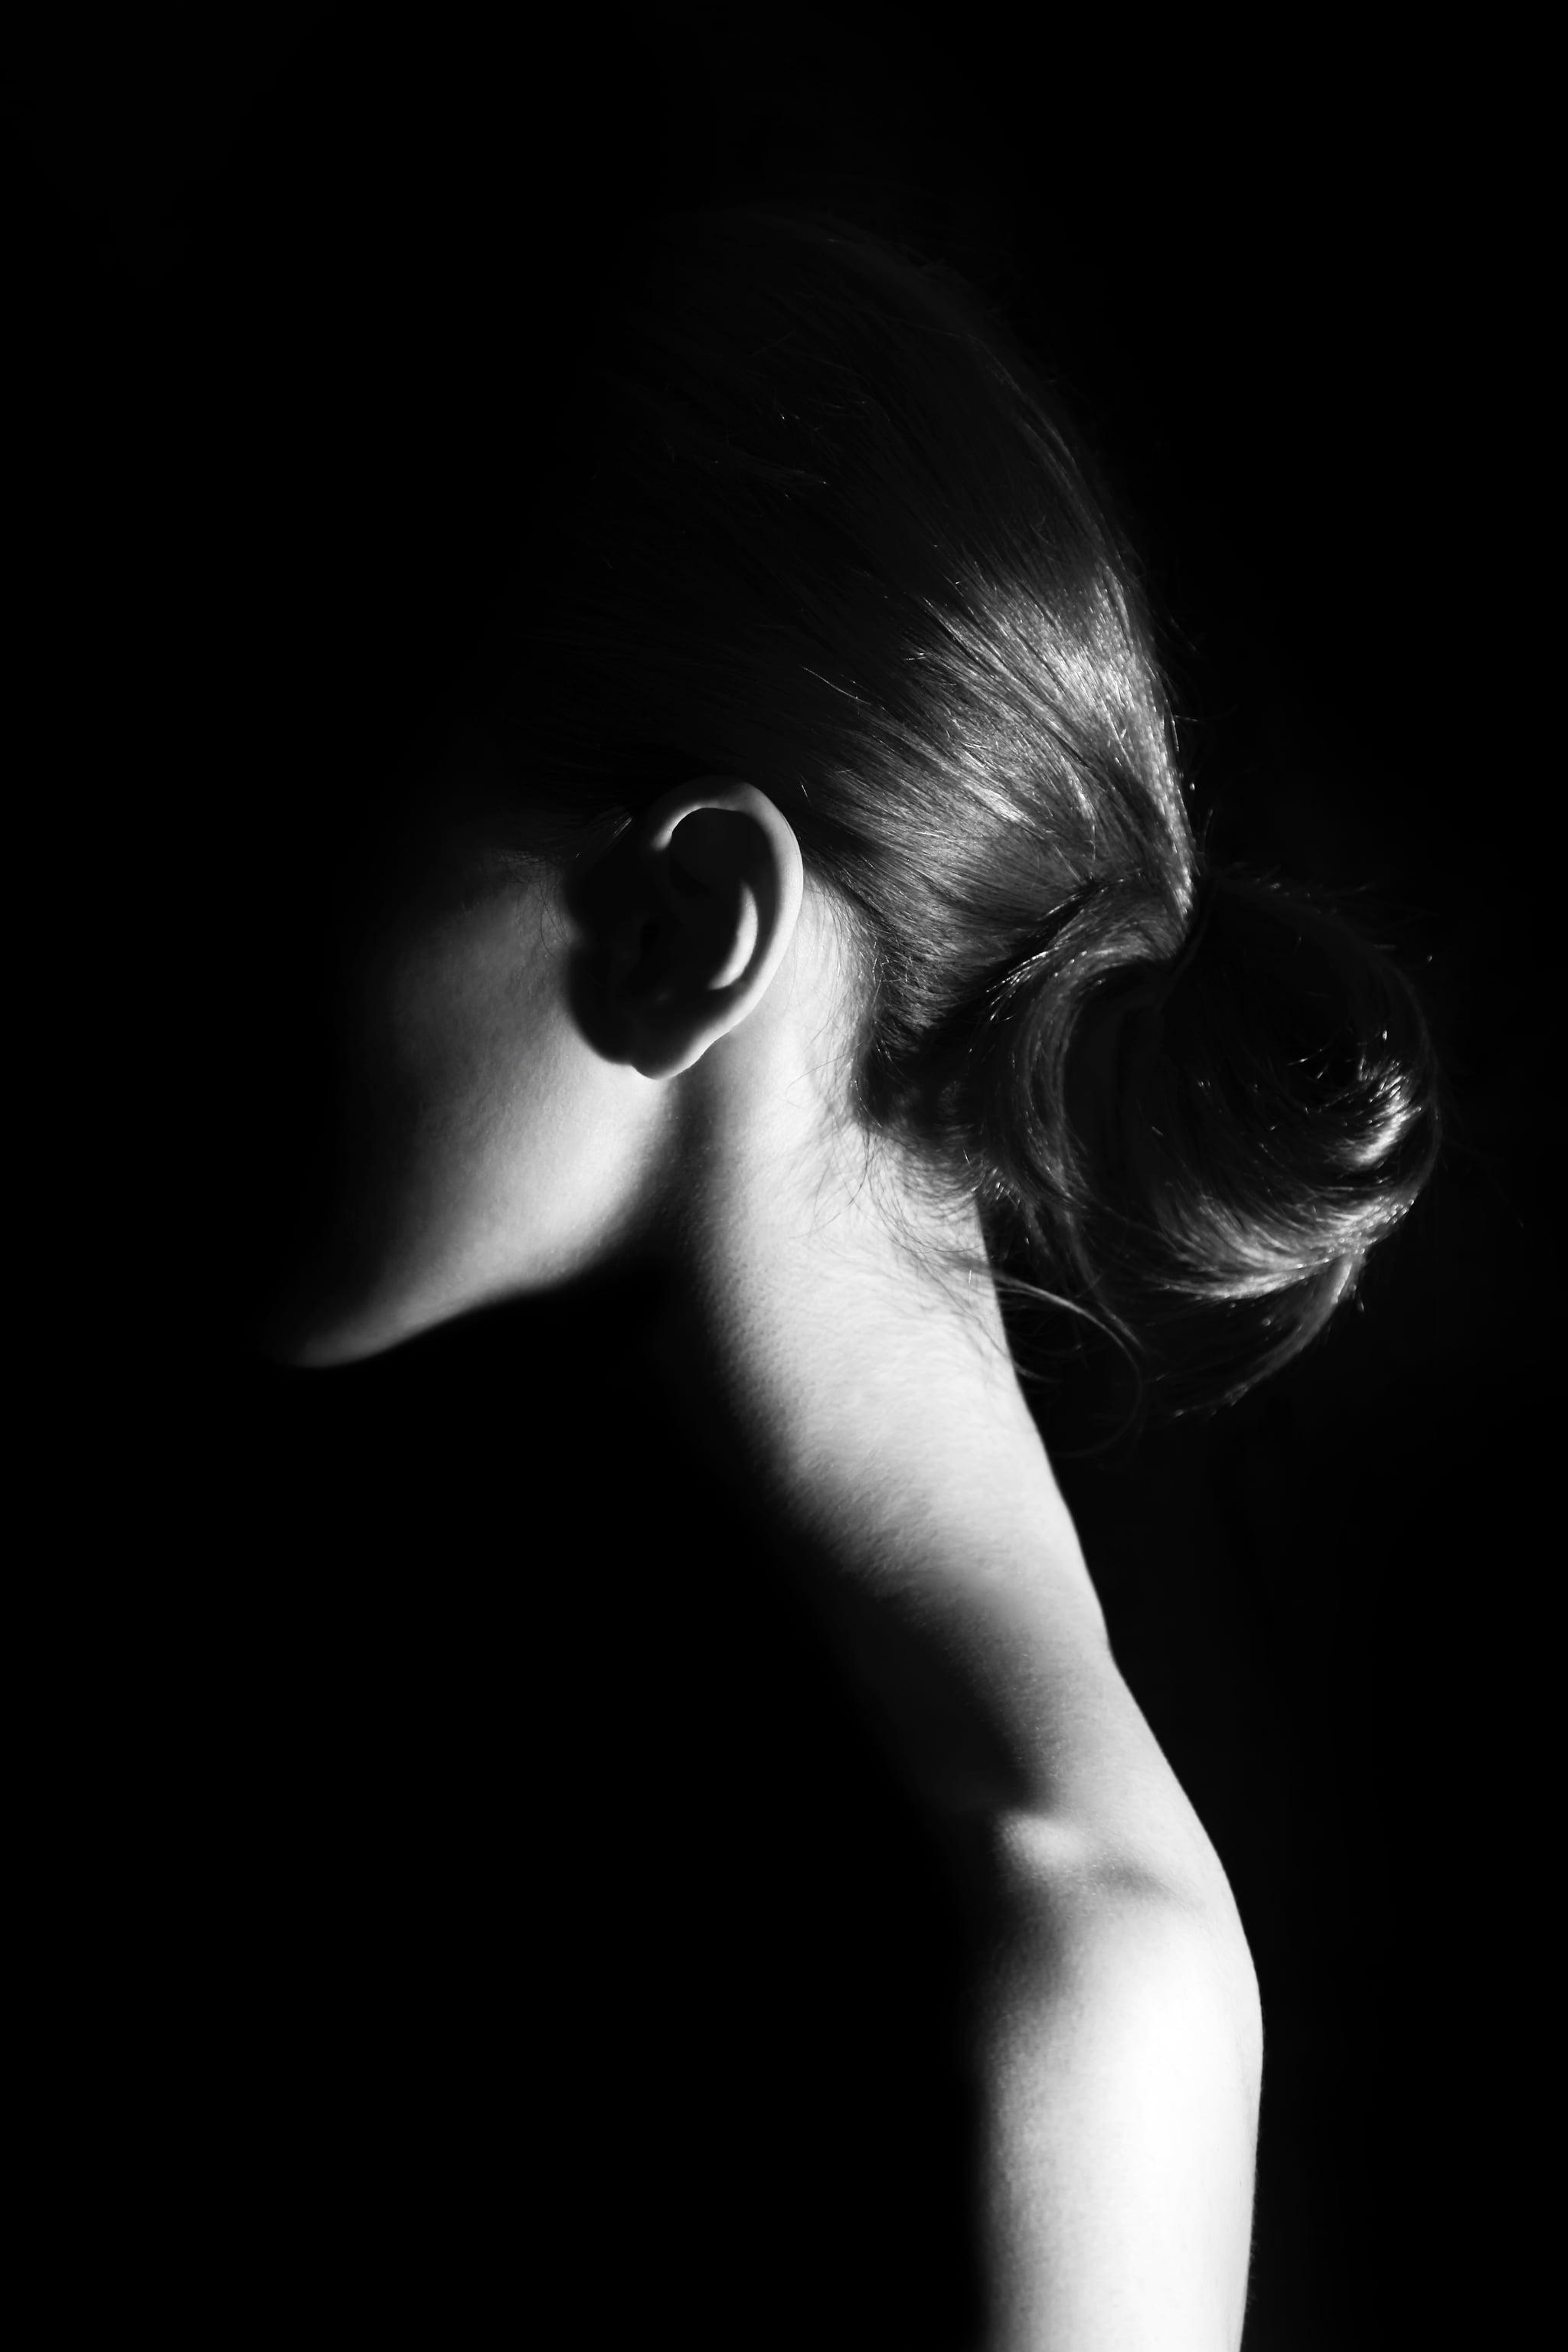 Ear-Wax Remedy